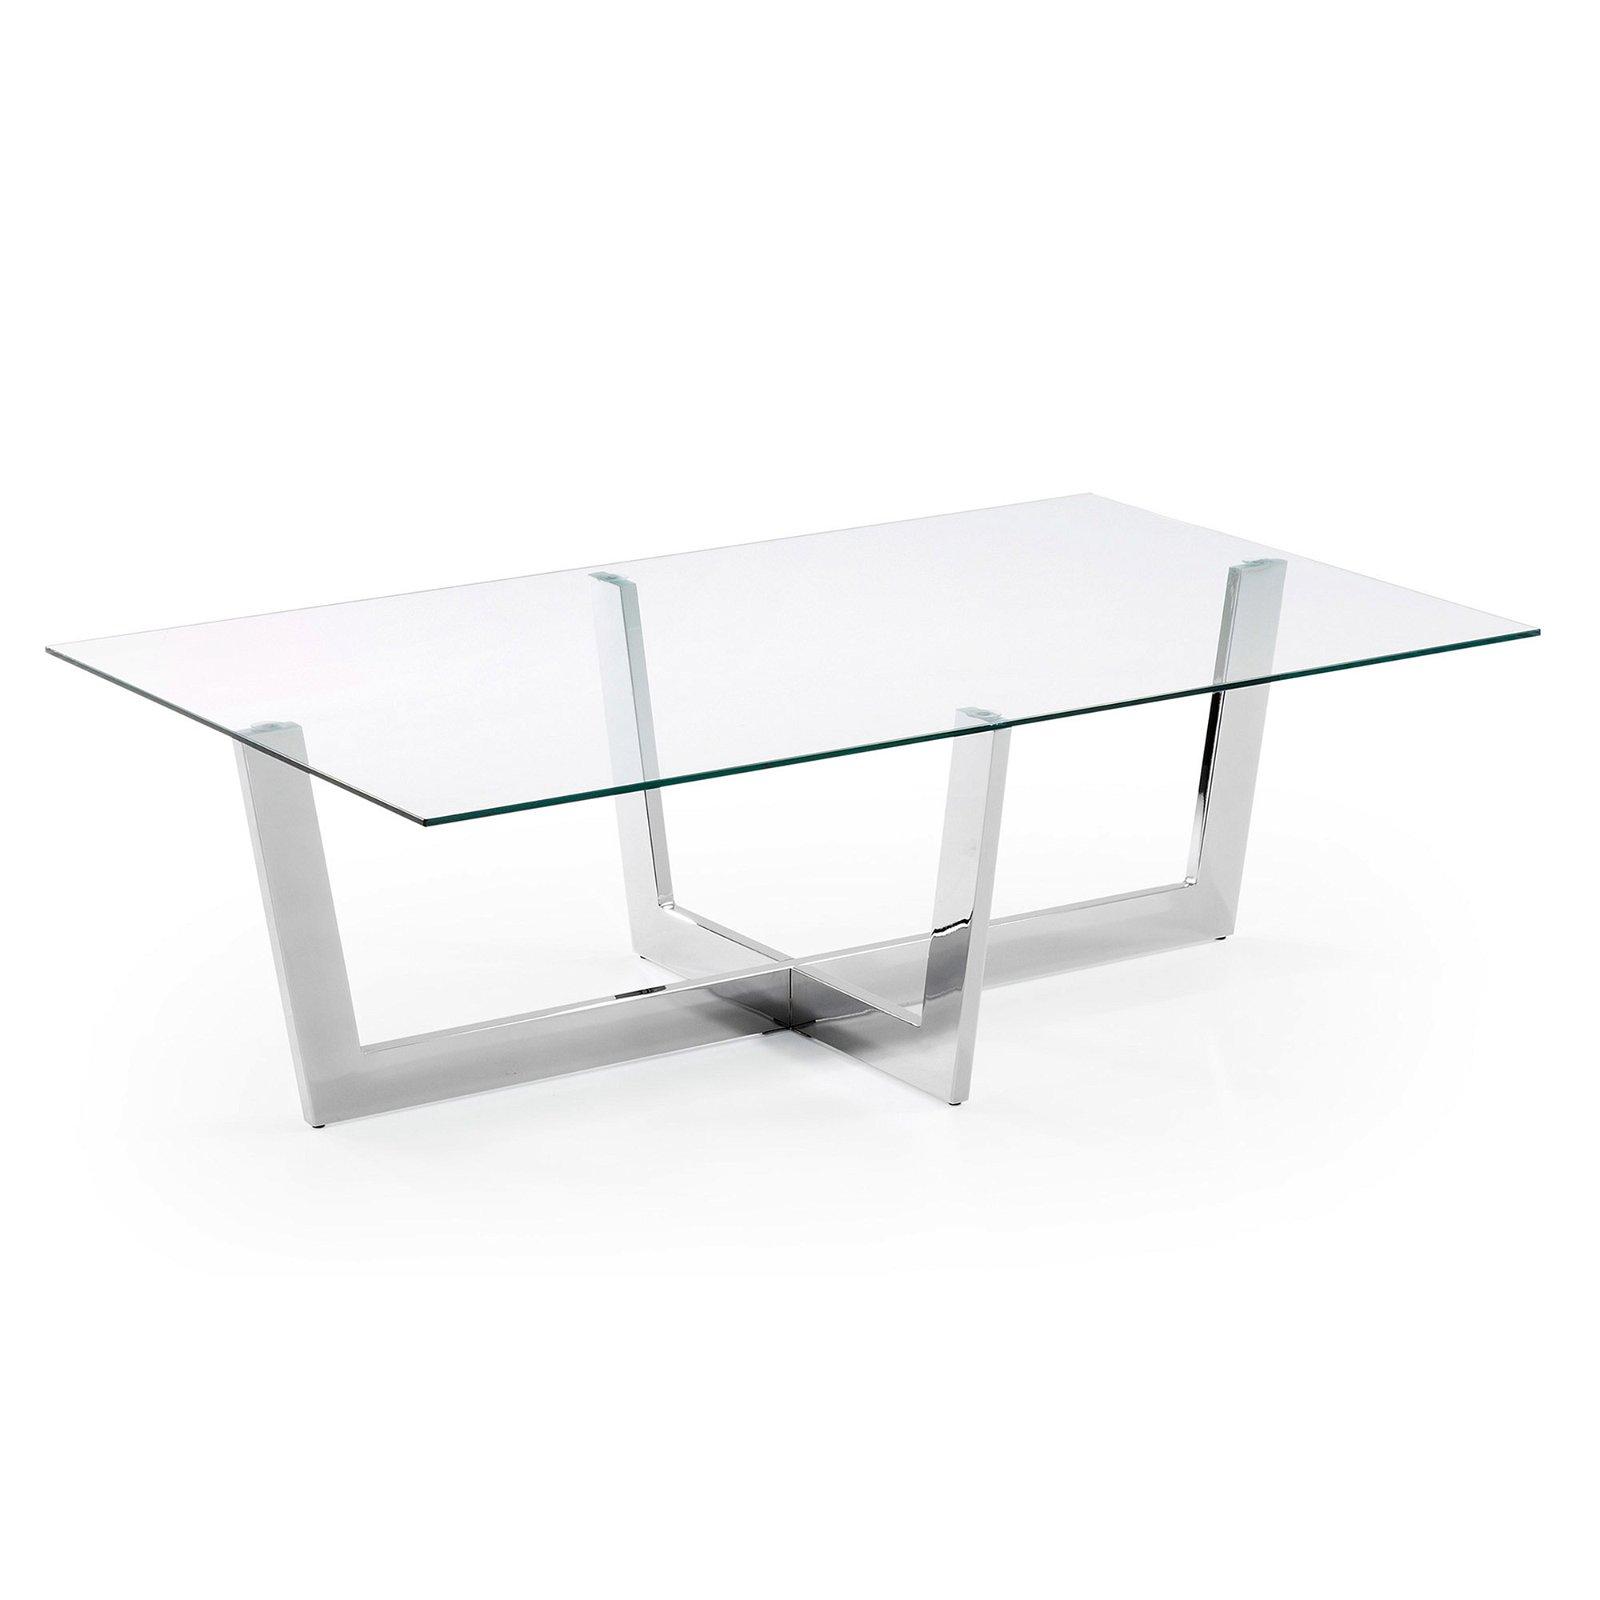 PLUM mesa centro cromada cristal transparente